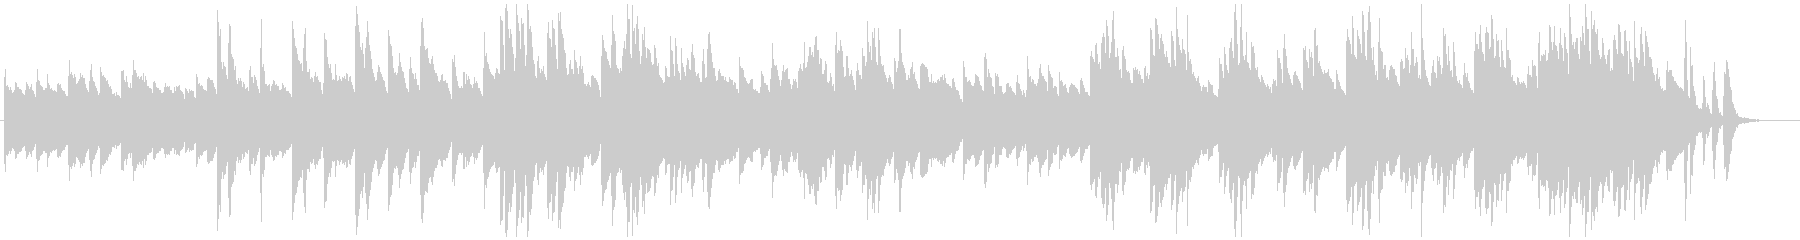 印象派風のピアノソロの未再生の波形